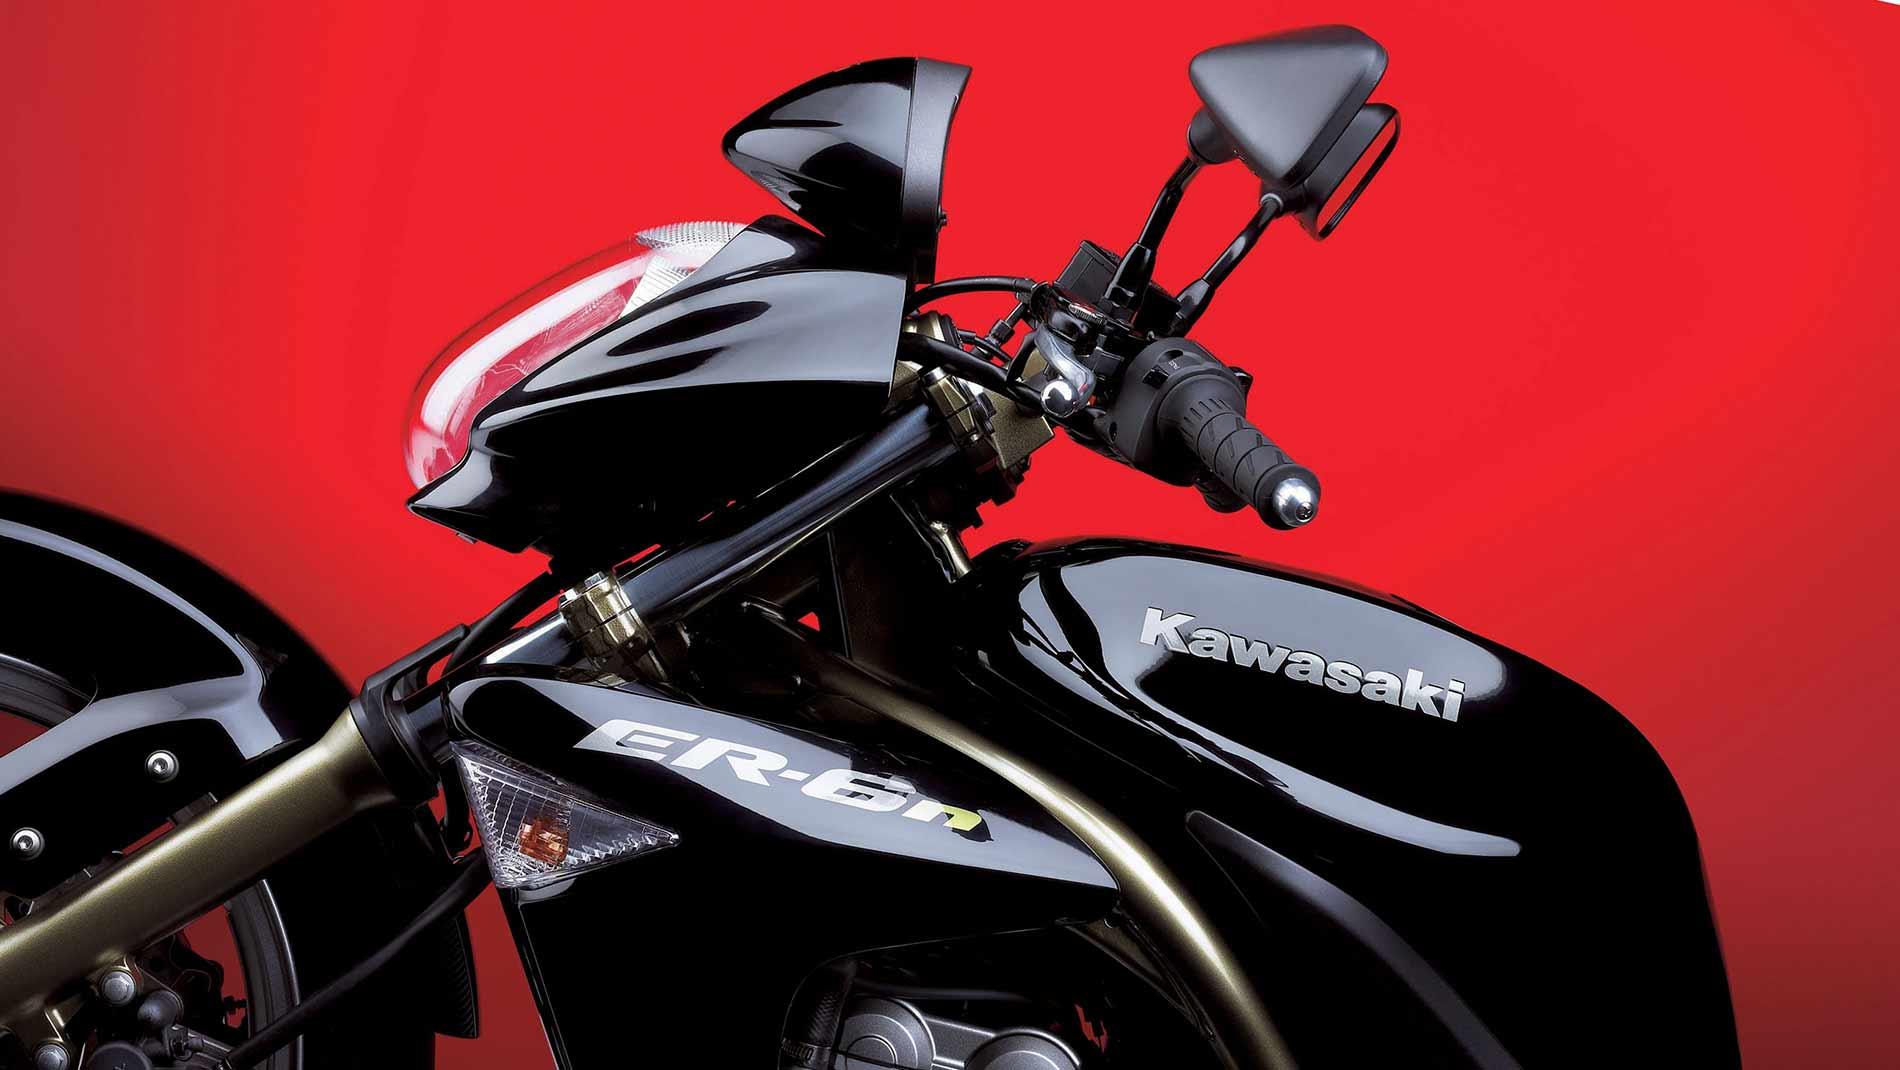 2005-k-er-6n-gross-06ER650A_BLK_Styling03